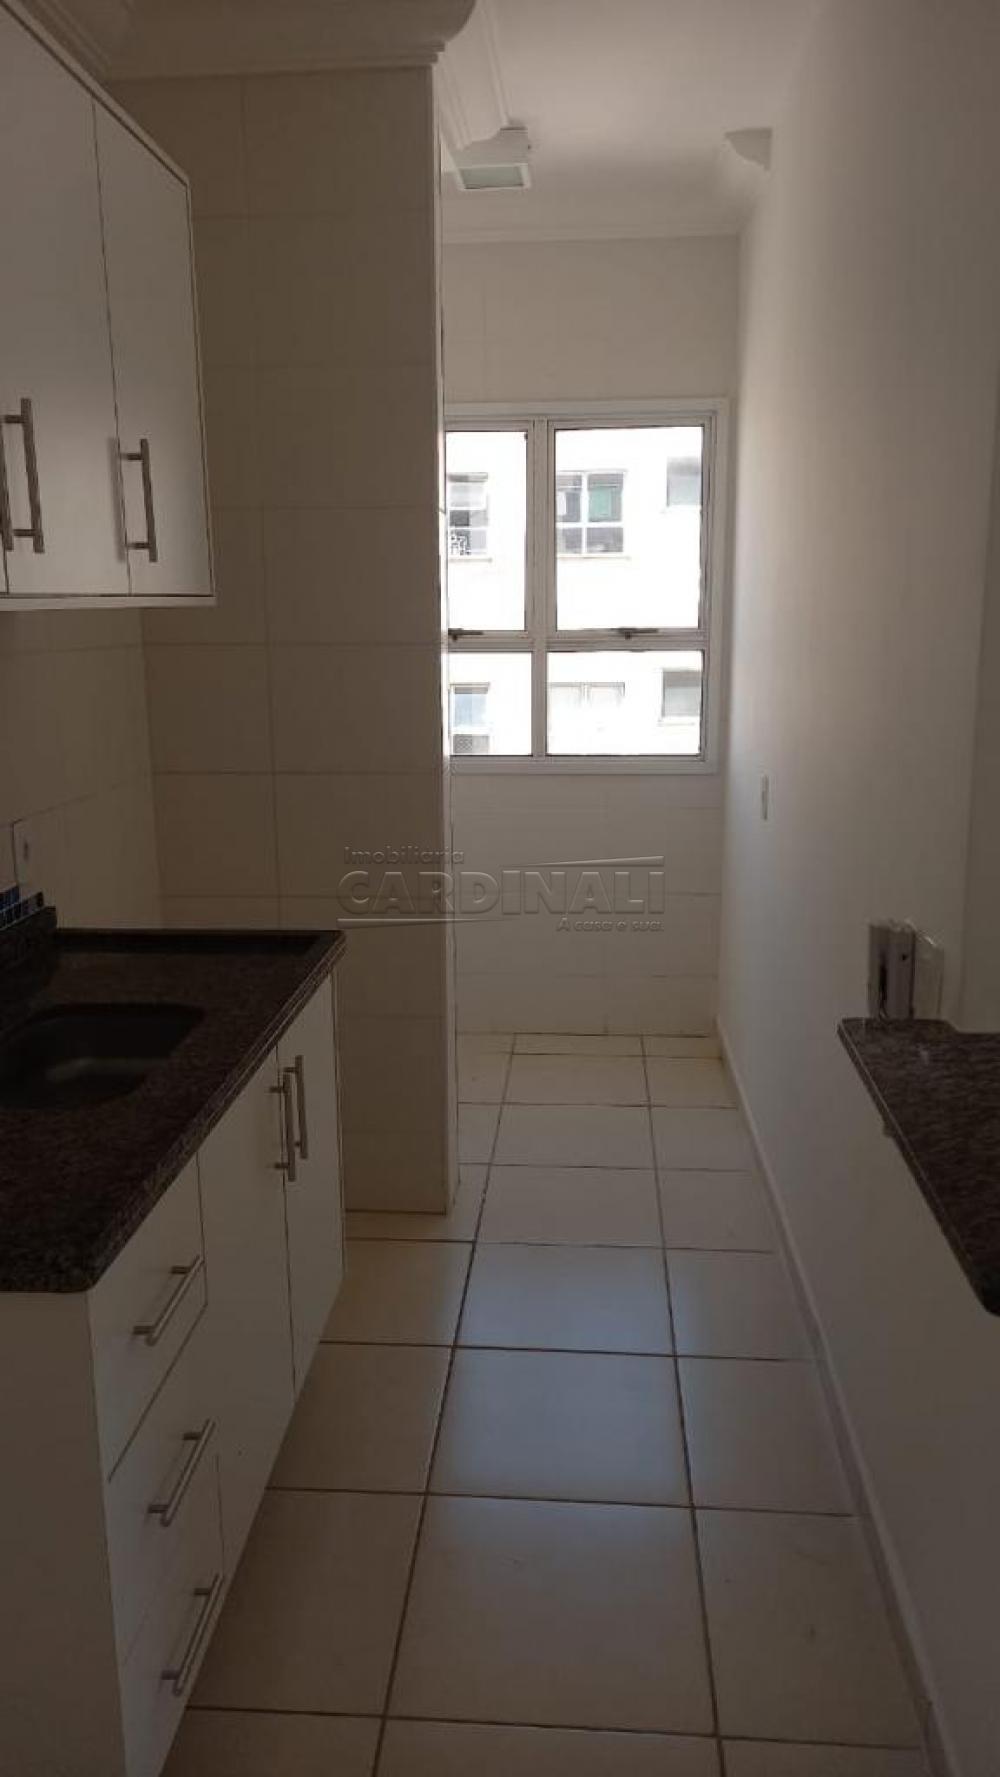 Alugar Apartamento / Padrão em São Carlos R$ 920,00 - Foto 17